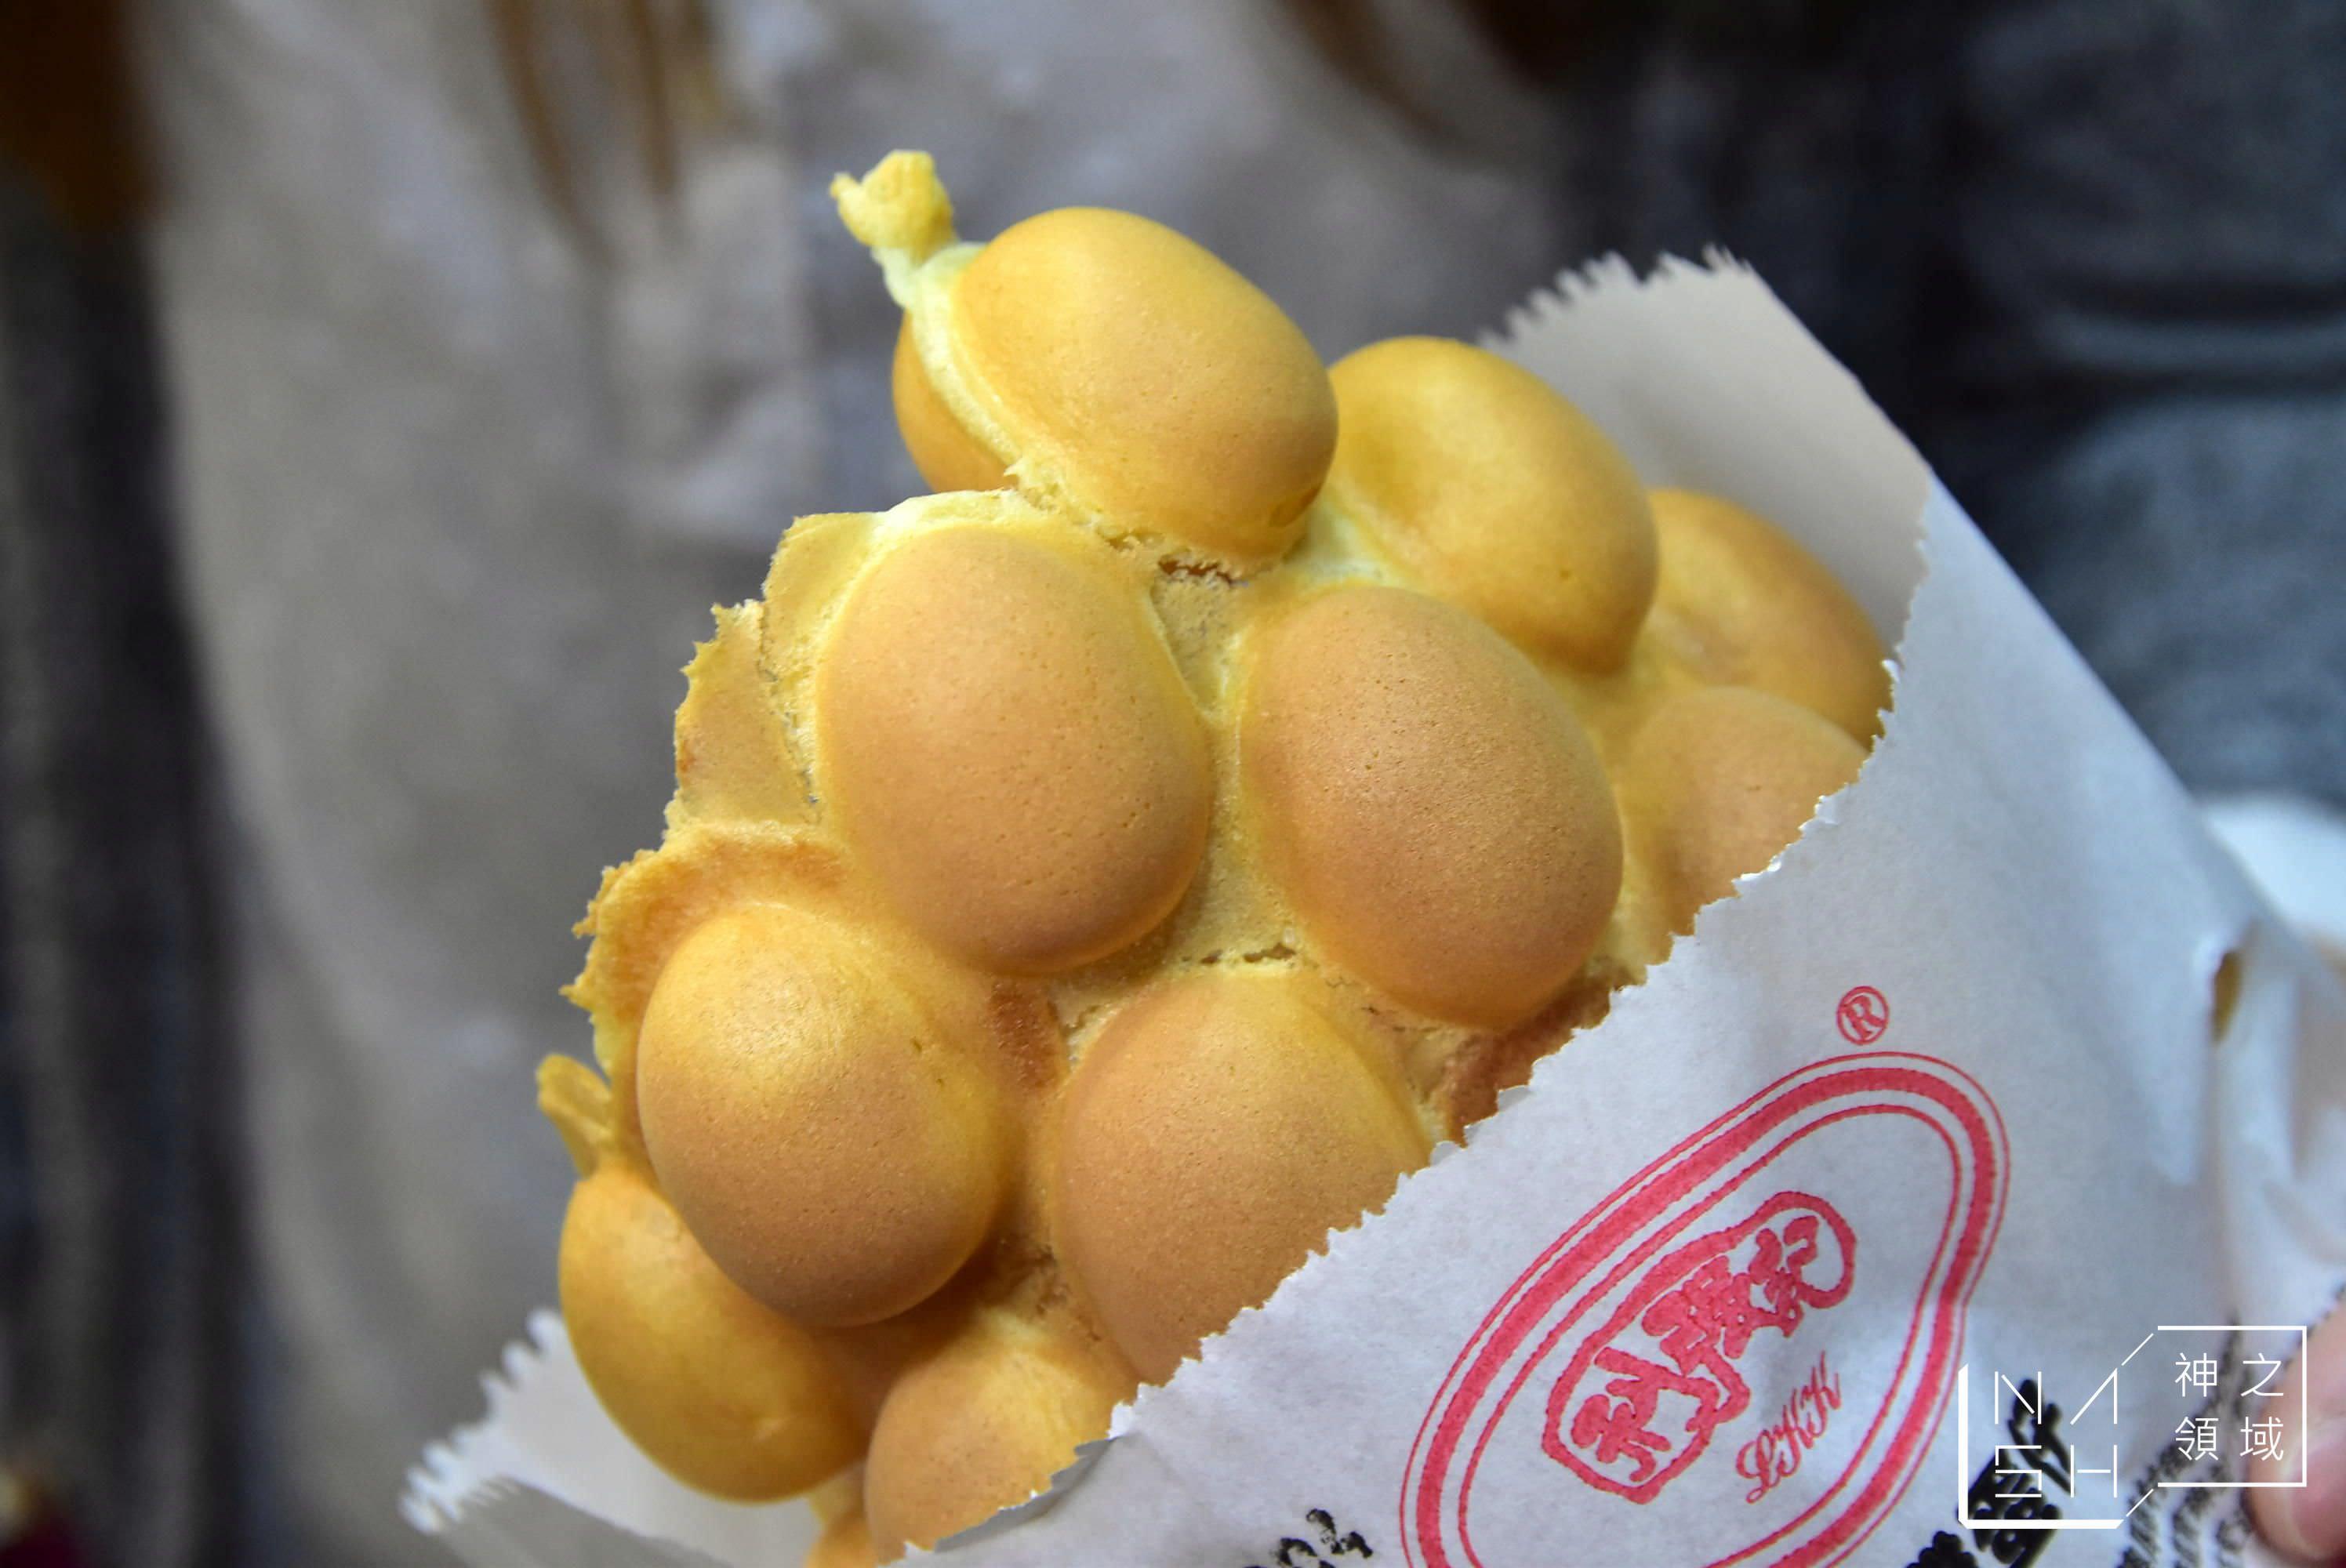 利強記北角雞蛋仔,Lee Keung Kee North Point Egg Ball,香港雞蛋仔推薦,香港必吃雞蛋仔 @Nash,神之領域